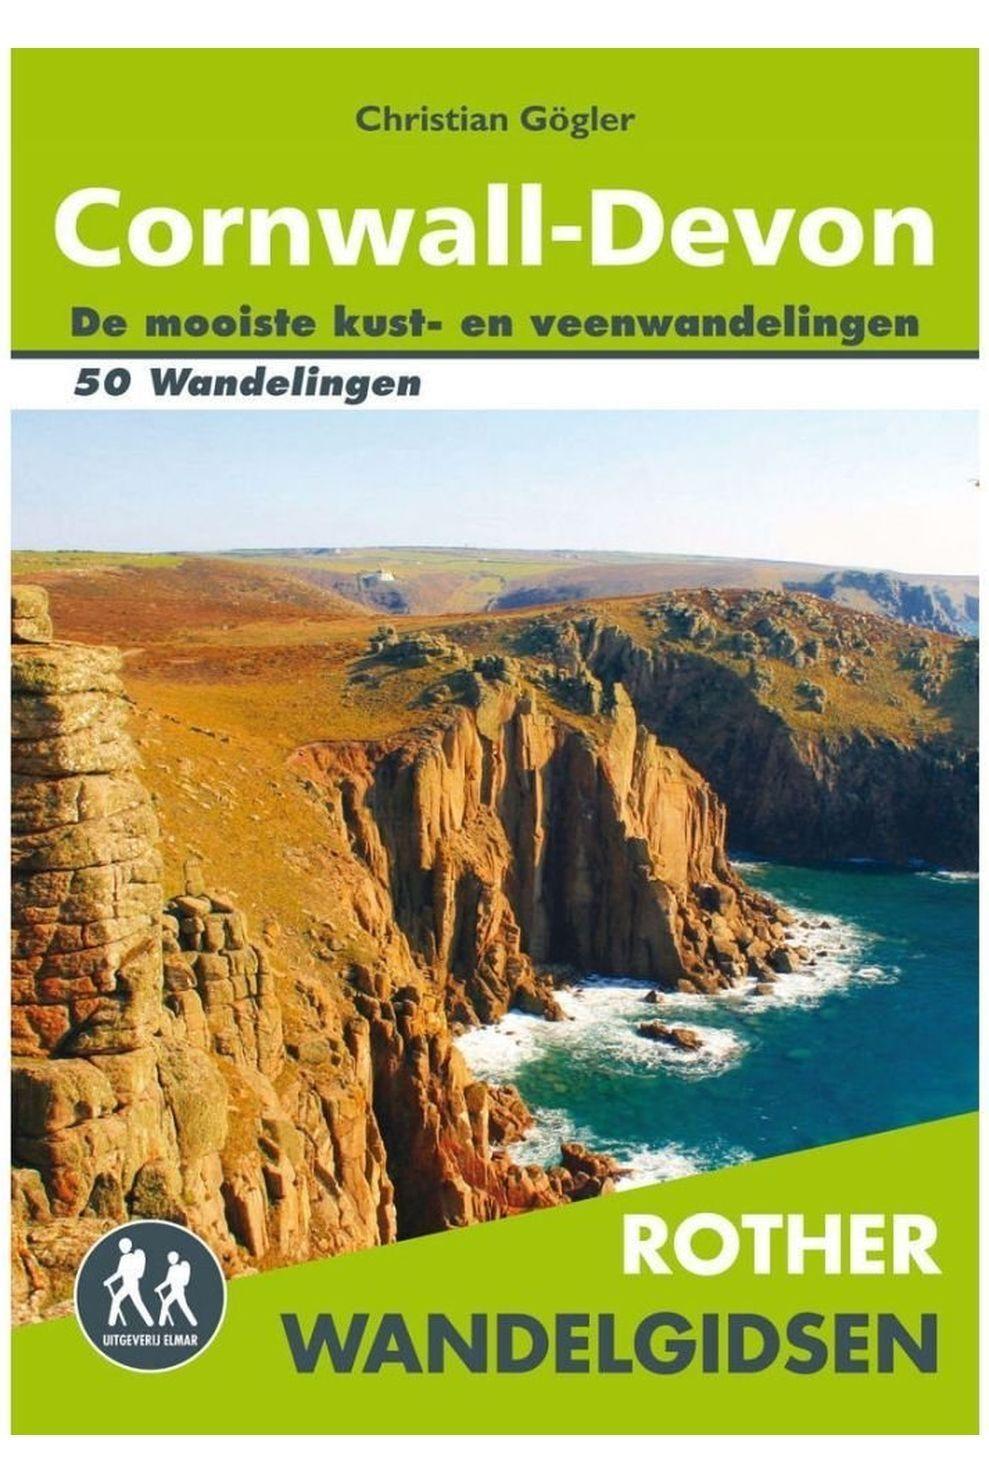 Rother Reisboek Cornwall - Devon wandelgids 50 wandelingen - 2016